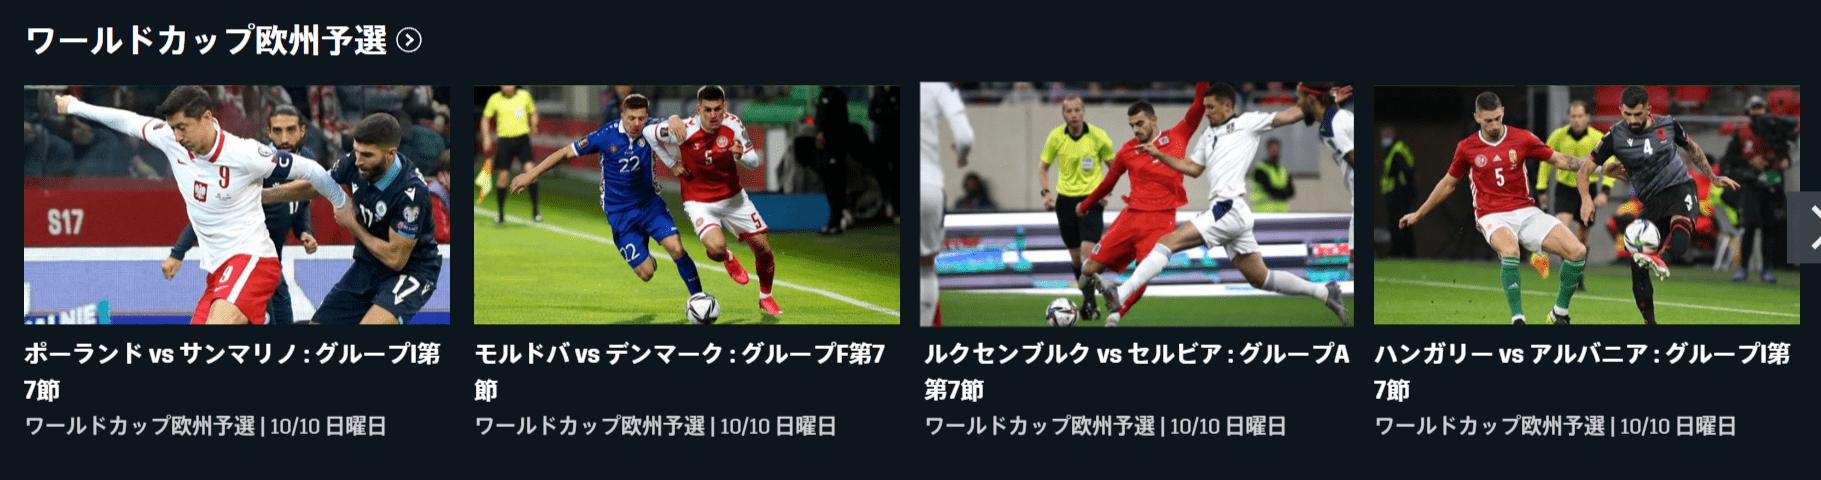 DAZN_ワールドカップ欧州予選